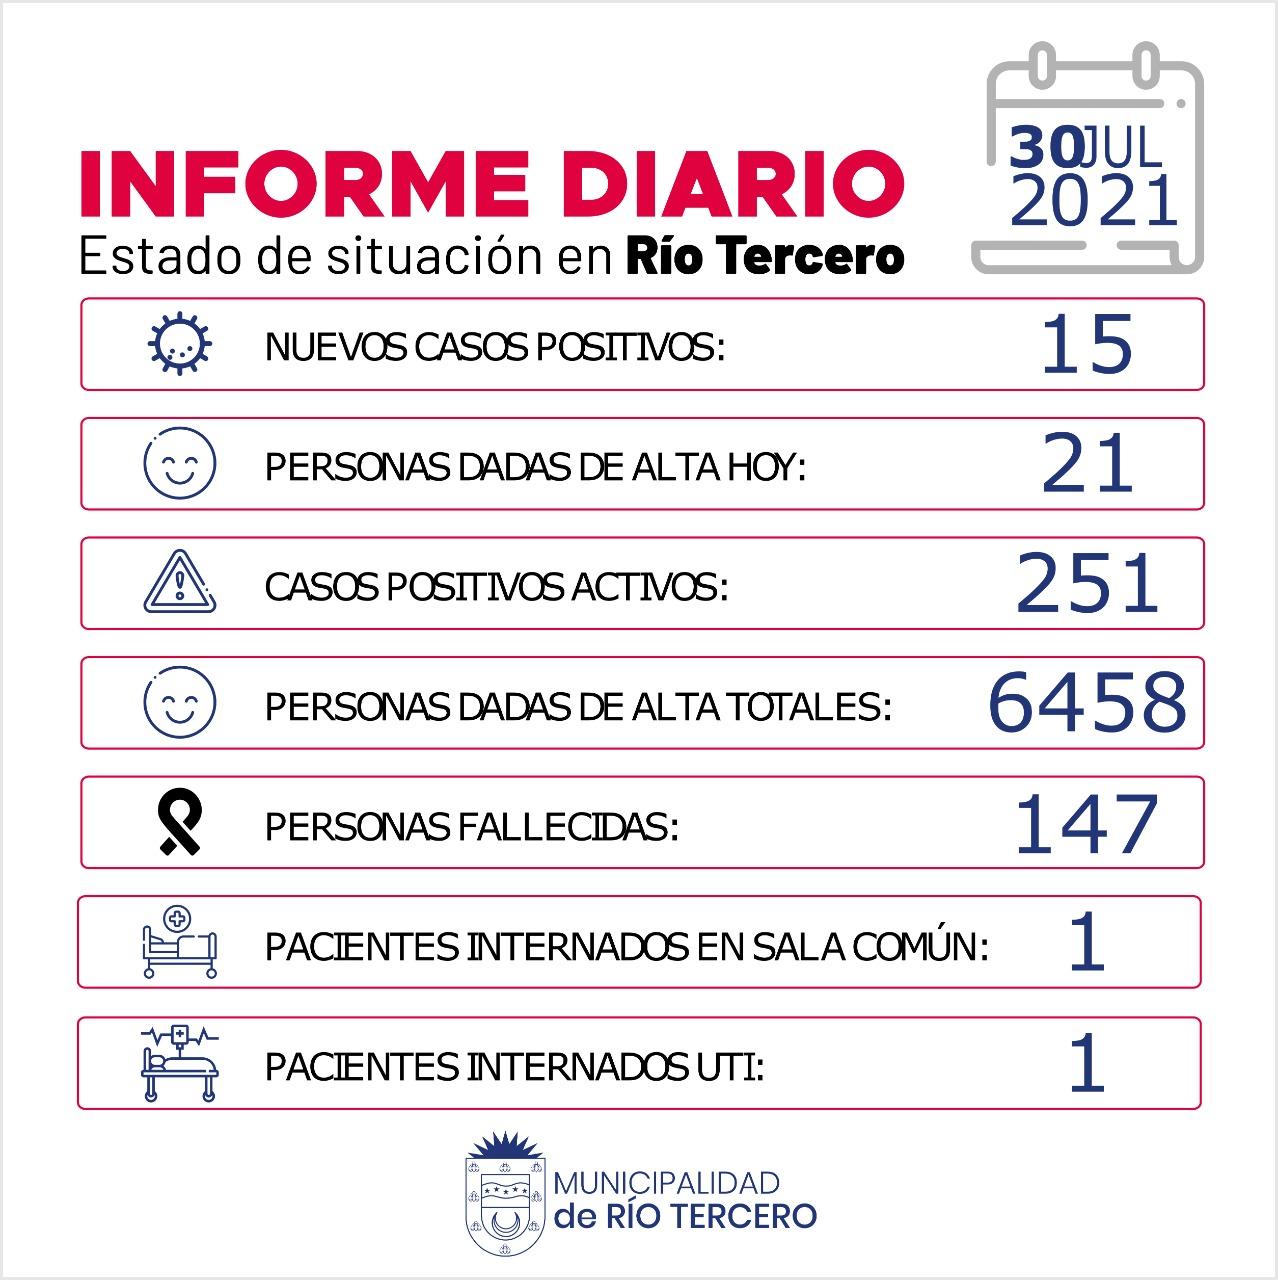 RÍO TERCERO HUBO 2 FALLECIDOS: HOY SE REGISTRARON 15 NUEVOS CASOS